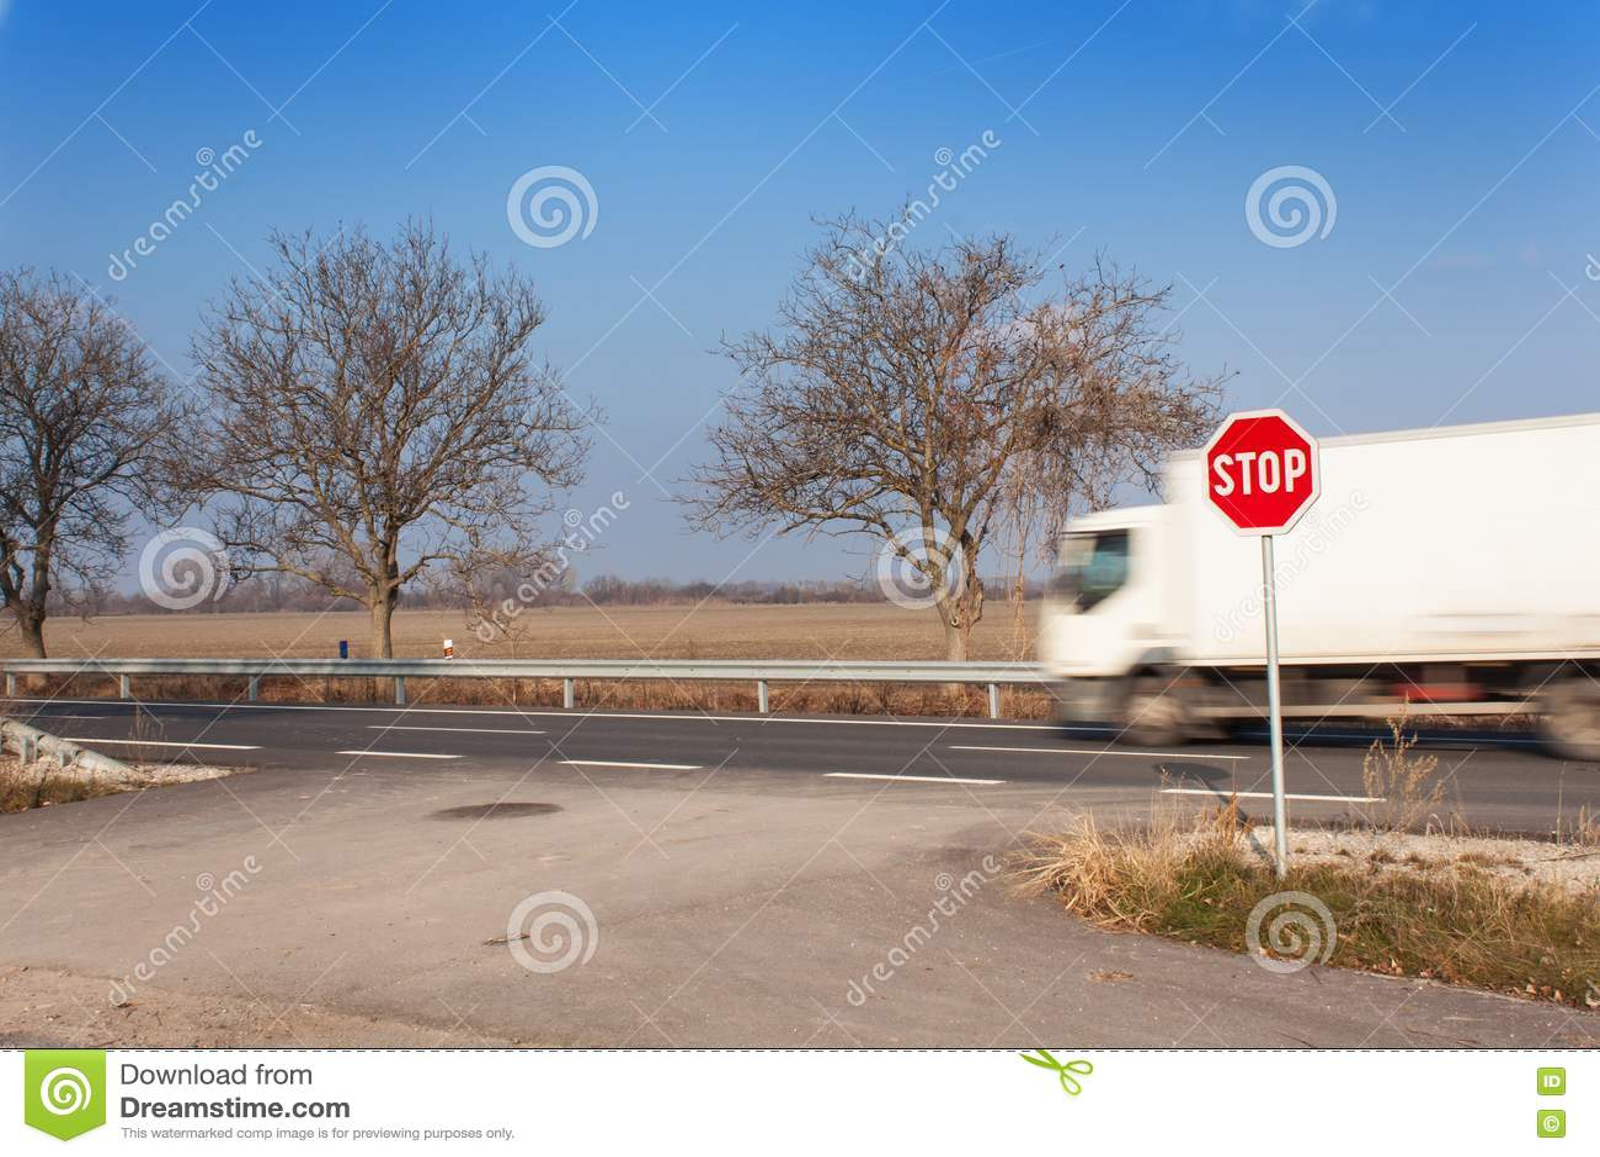 Pare la muestra en la encrucijada Camino rural Salga sobre la carretera principal Carretera principal Camino peligroso Parada de